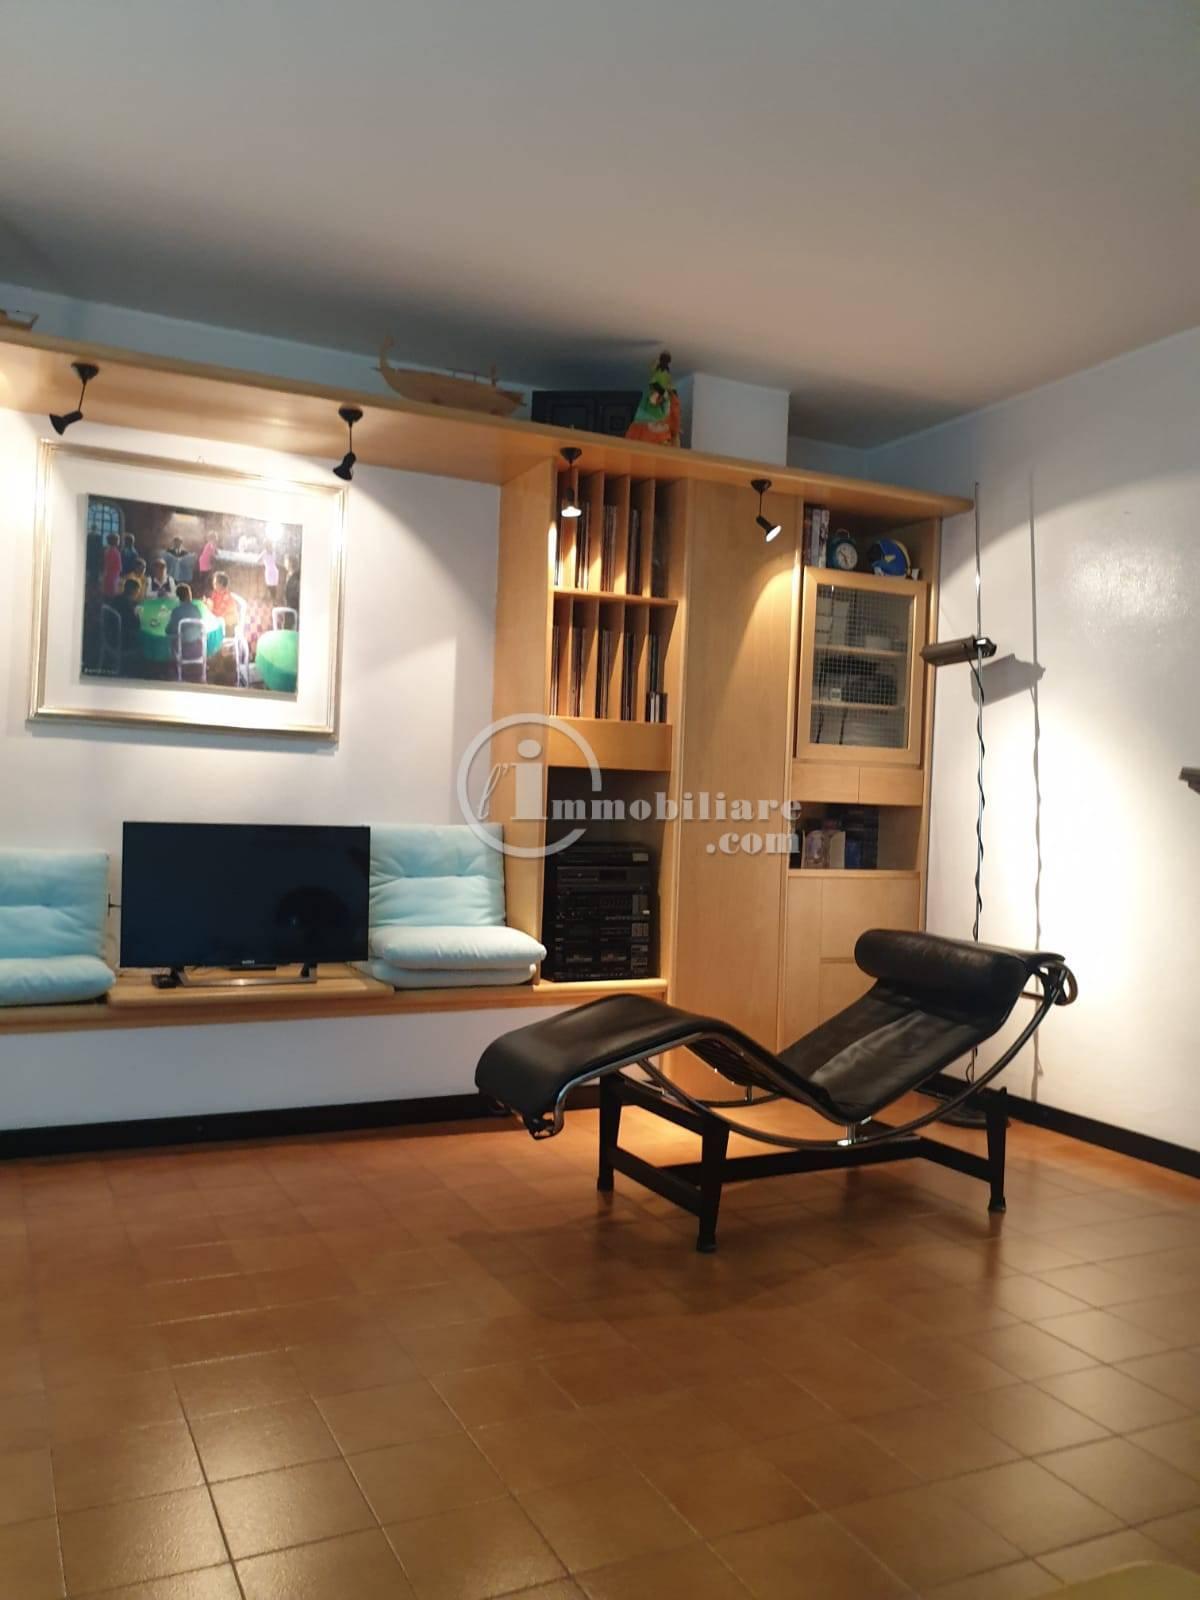 Villa in Vendita a Trezzano Sul Naviglio: 5 locali, 280 mq - Foto 20